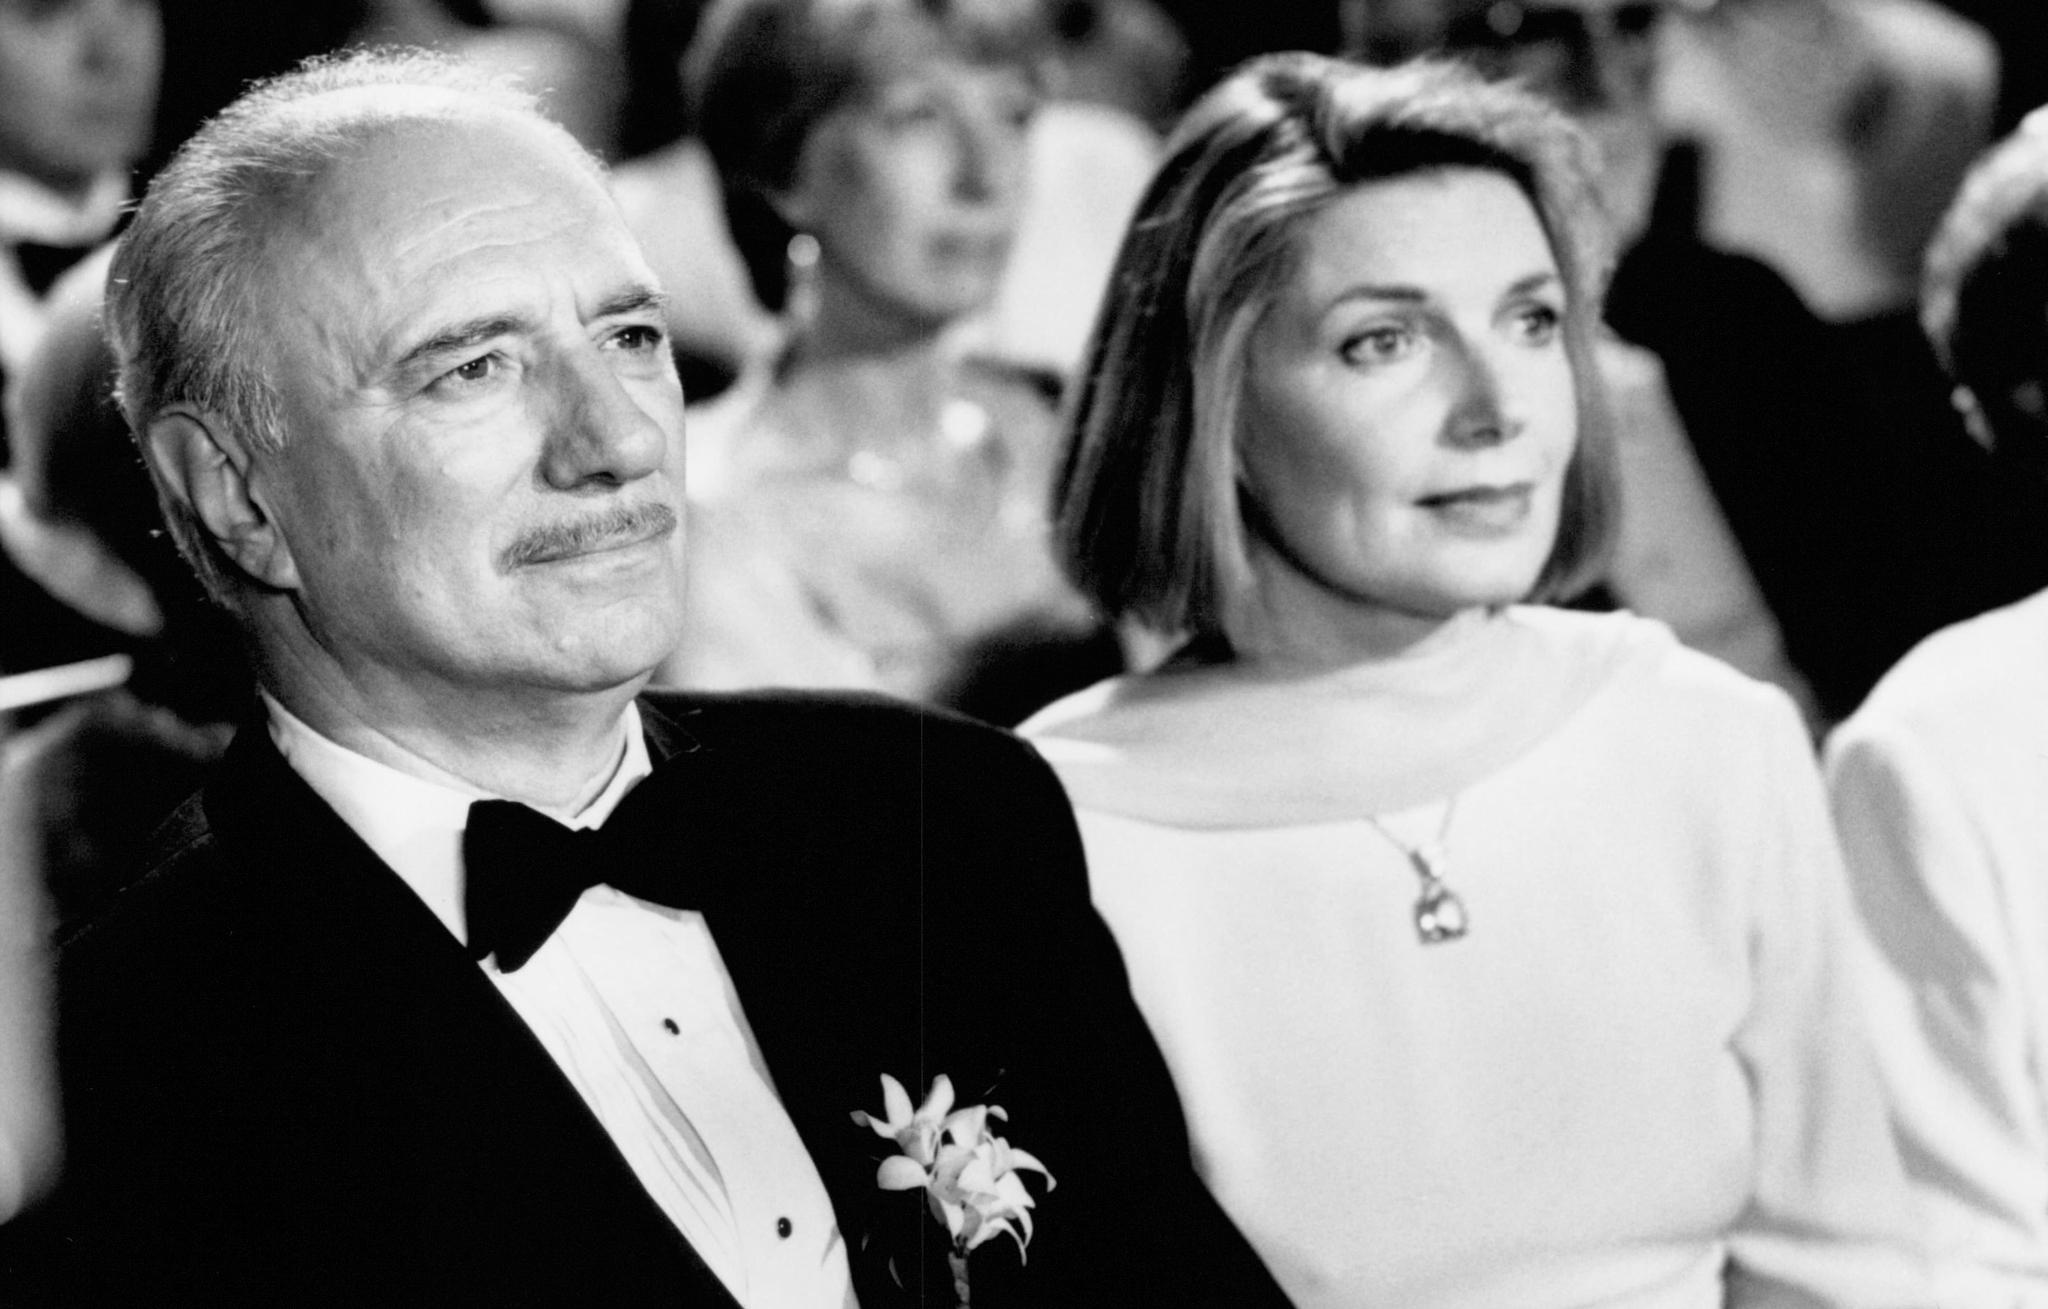 Philip Bosco and Susan Sullivan in My Best Friend's Wedding (1997)